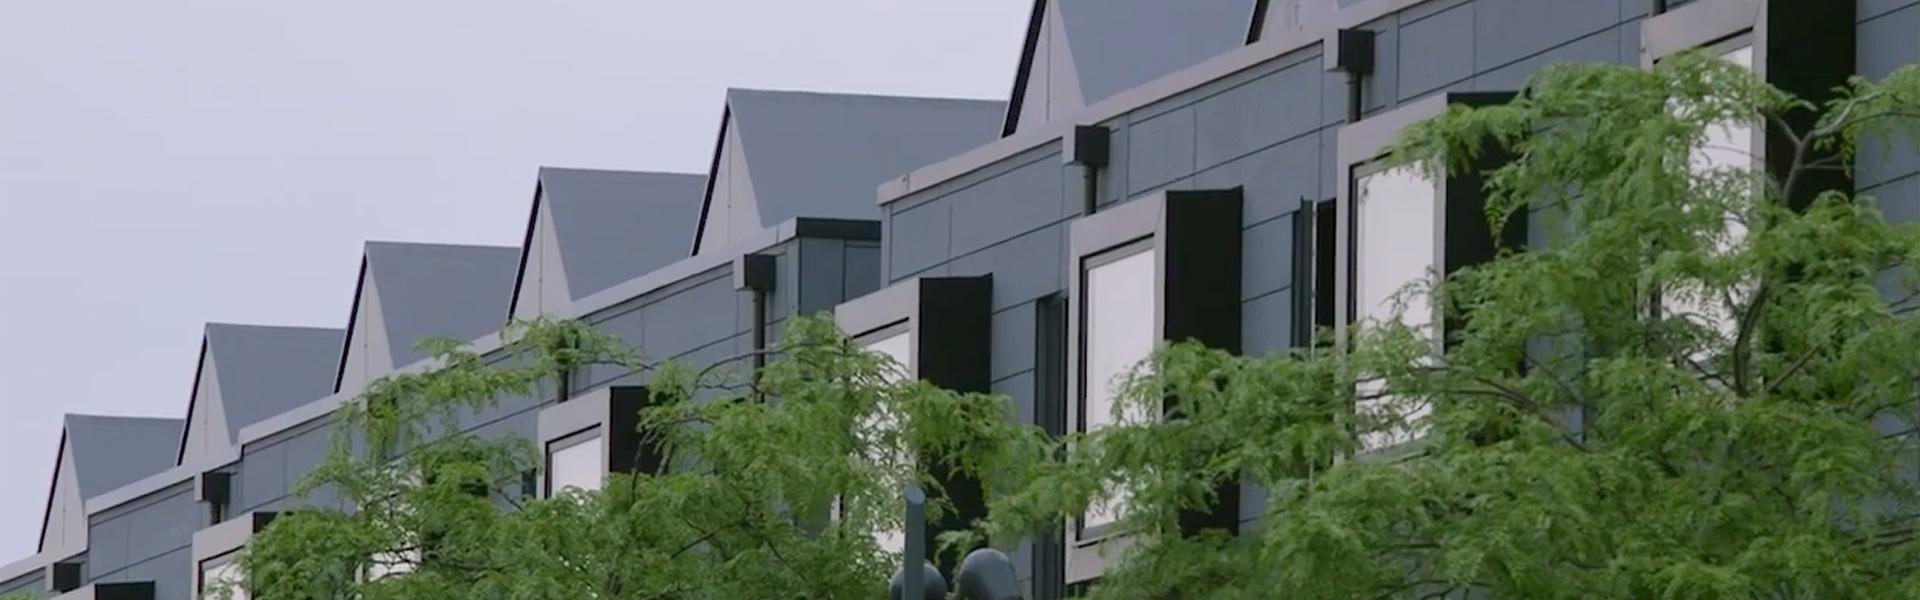 House New Islington 1920x600